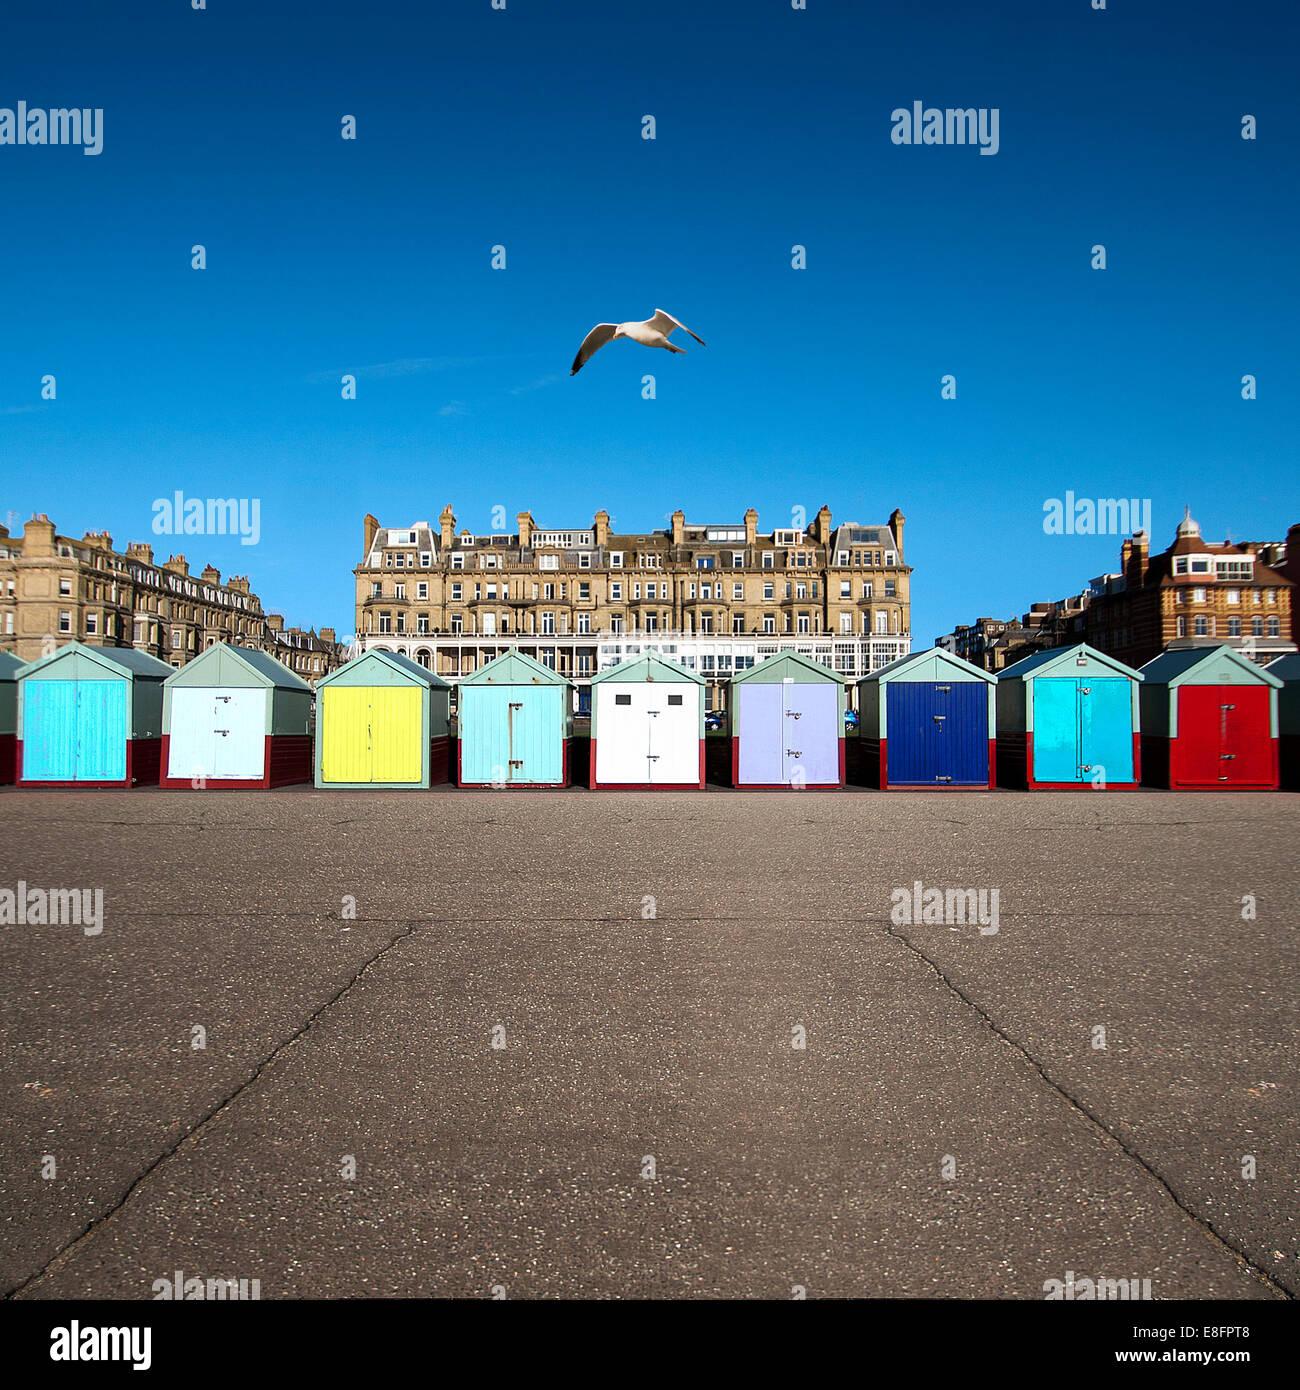 Multi-colore di fila di ombrelloni, Brighton, Inghilterra, Regno Unito Immagini Stock